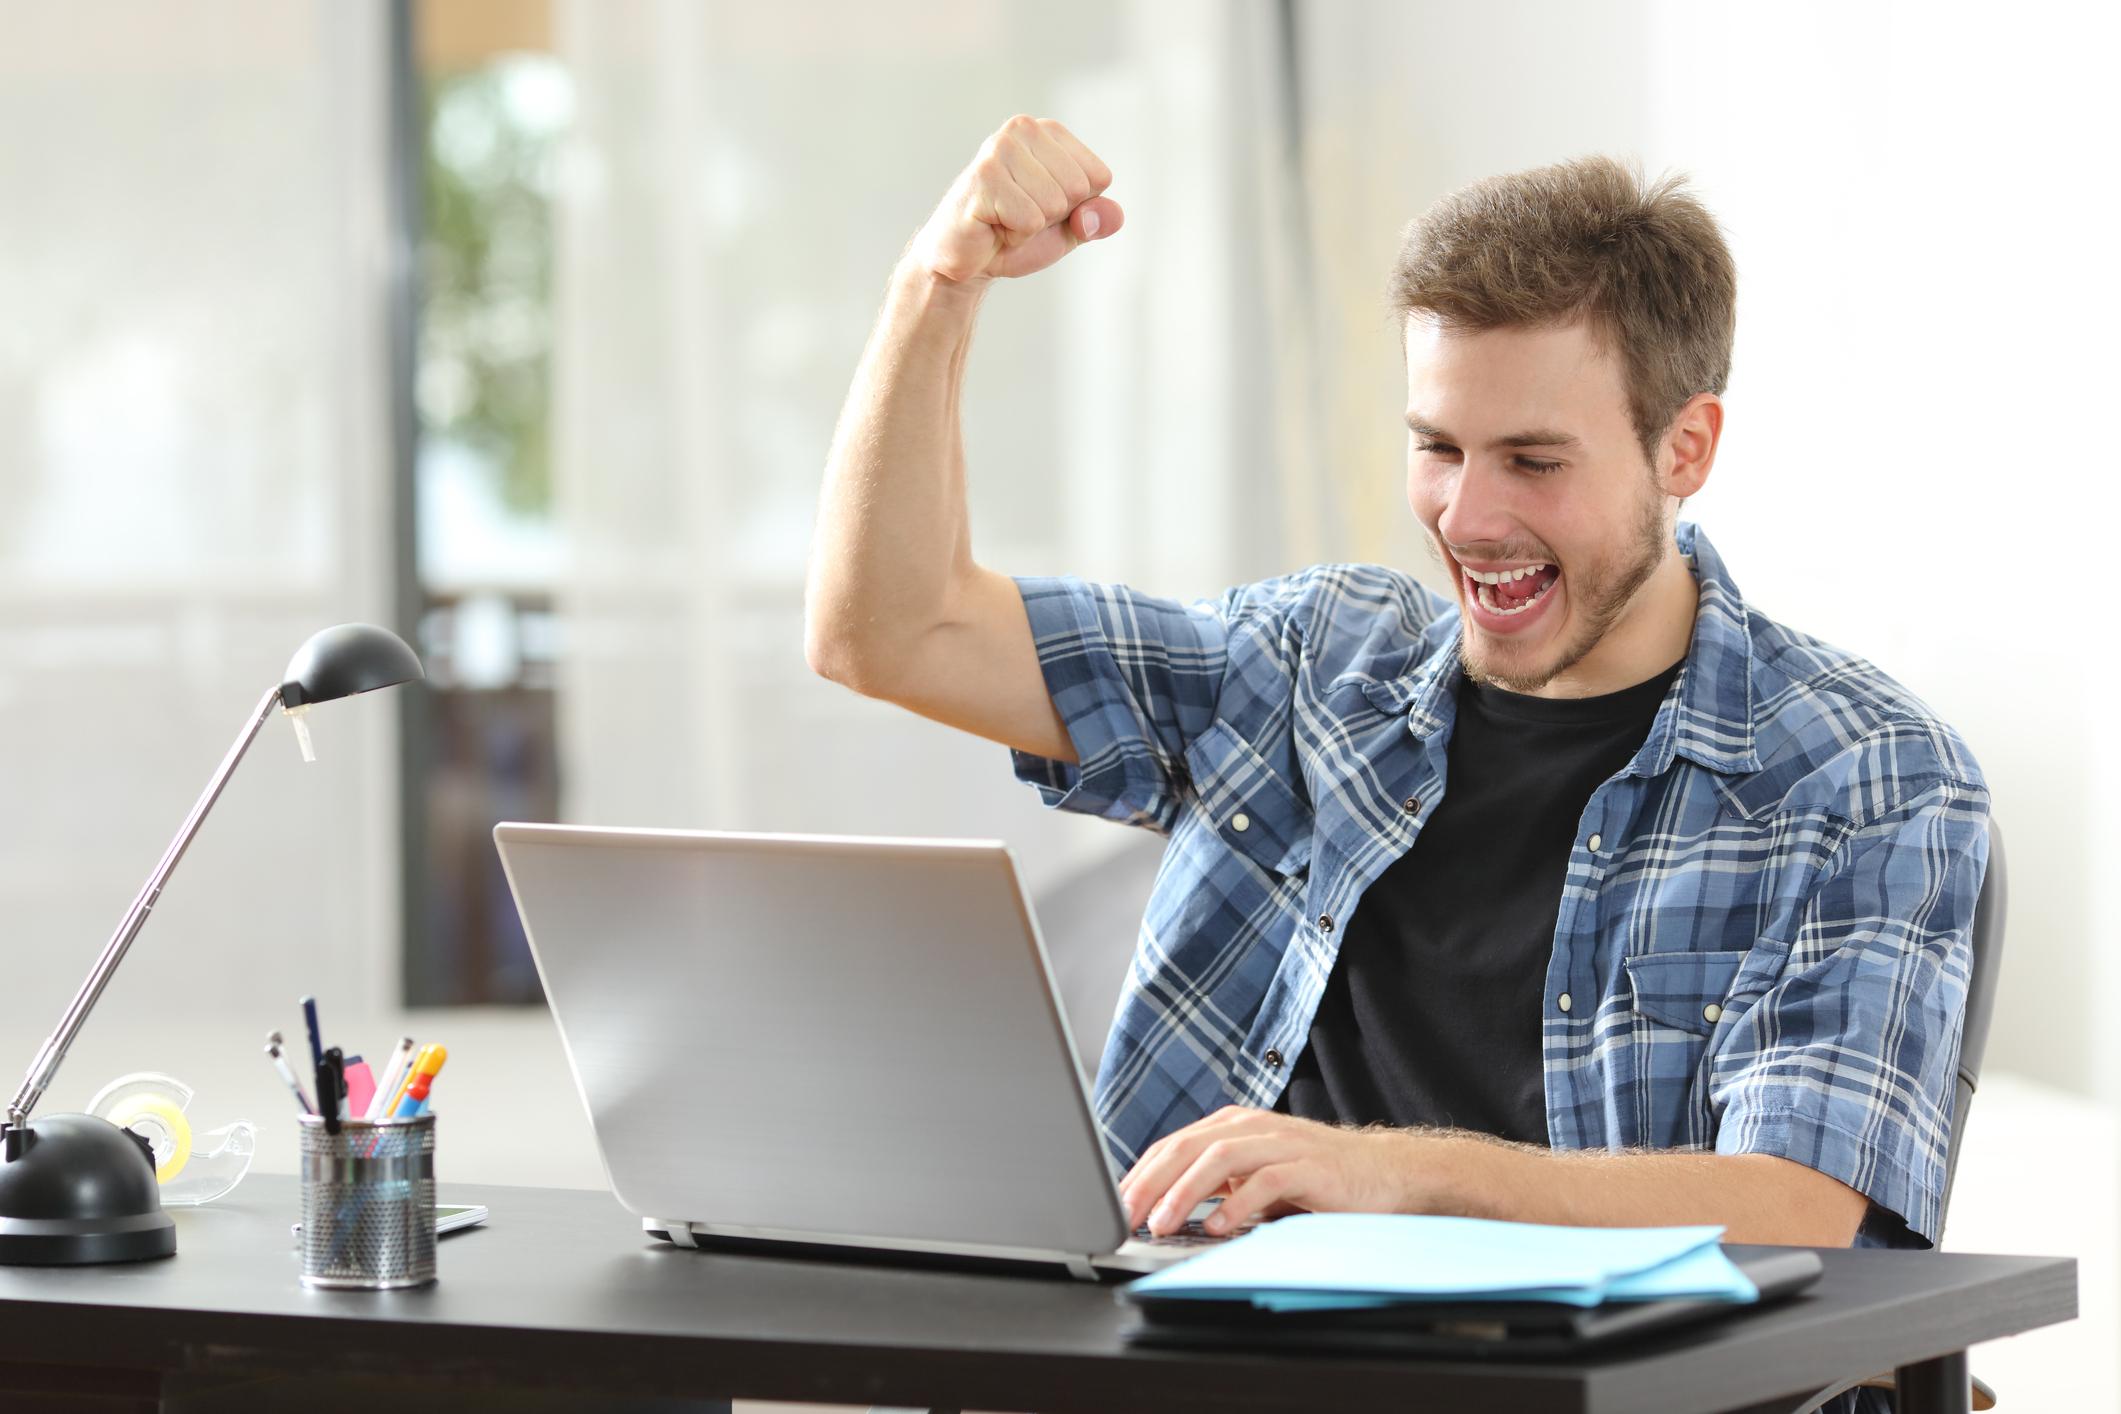 Man cheering looking at laptop screen.